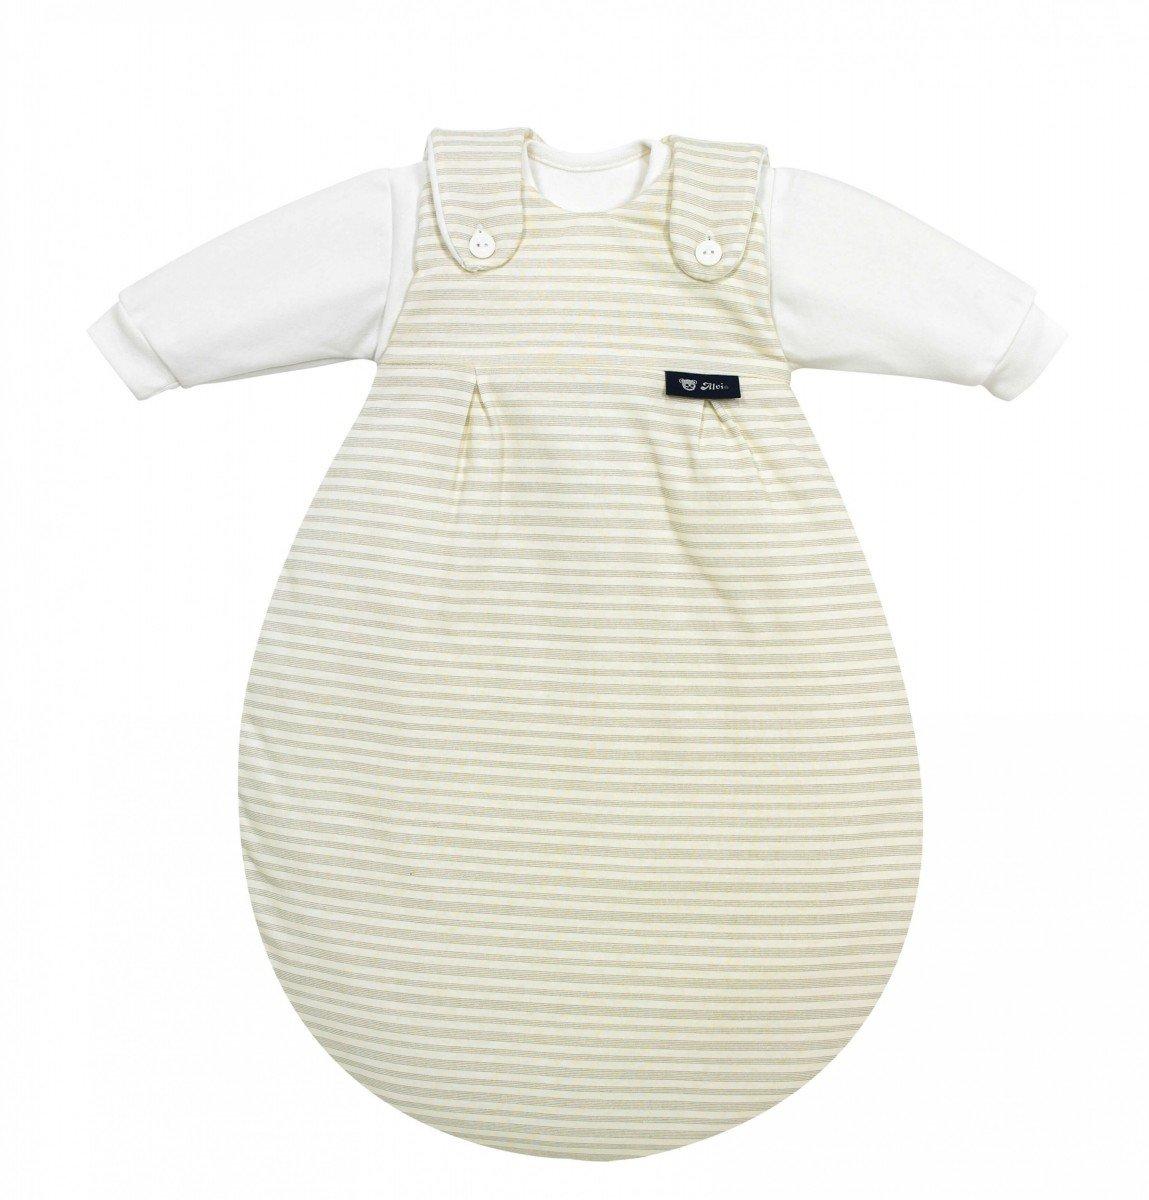 Alvi 423601056 Baby Mäxchen, 3 - teilig, Streifen beige